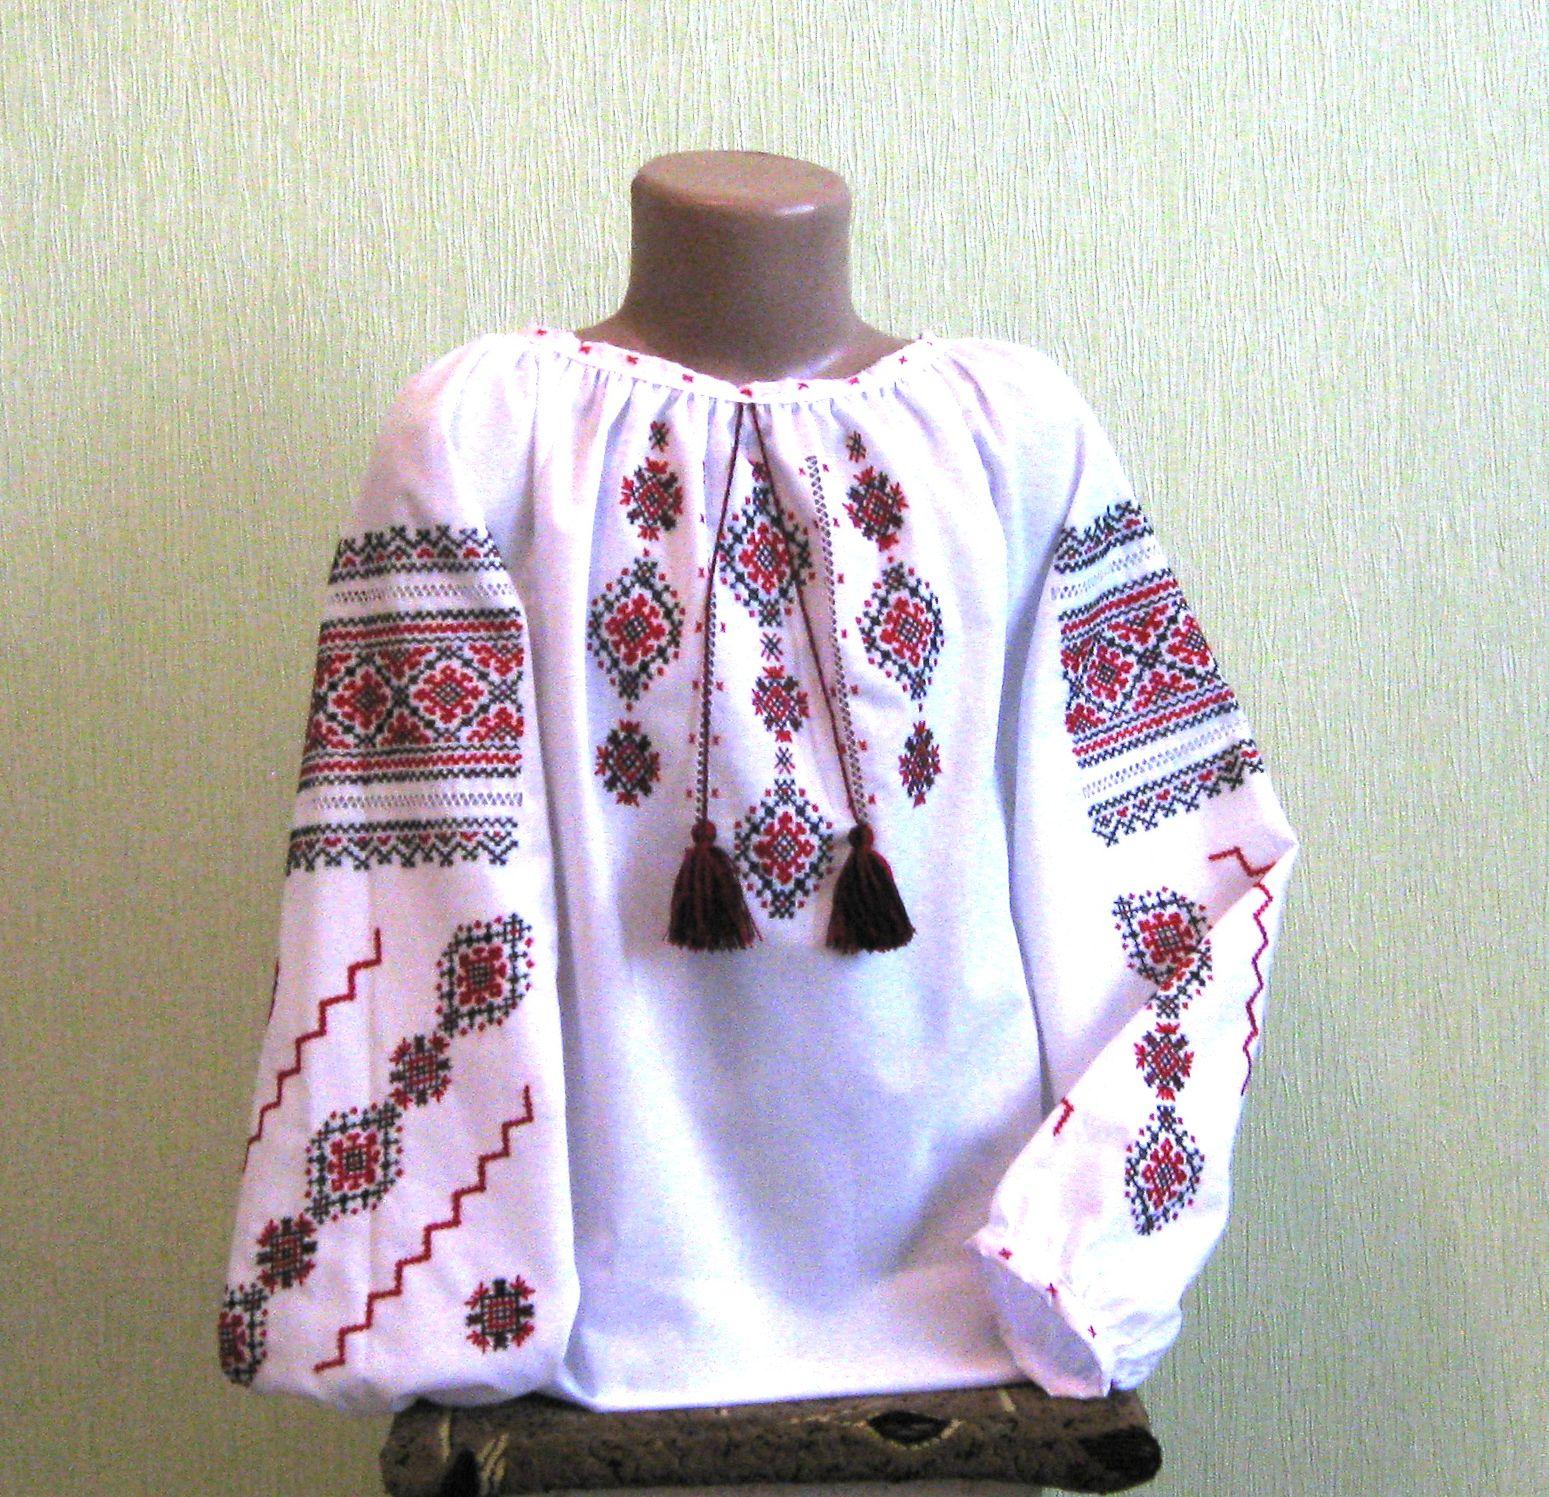 Вишиванка для дівчинки ручної роботи недорого ціна b1c707a498a6e